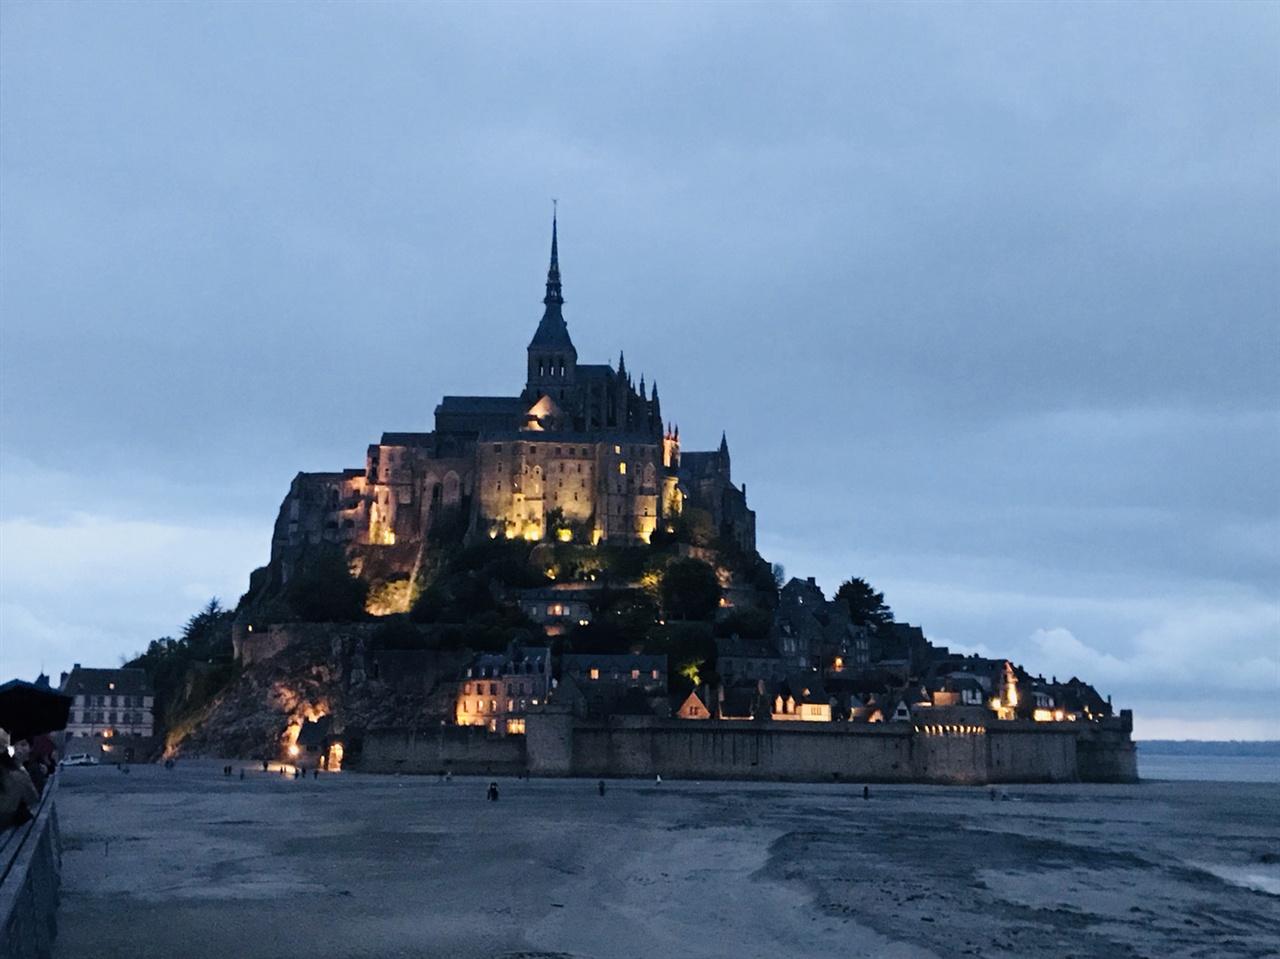 몽생미셸 수도원의 야경(완전히 어두워지기 전의 모습)